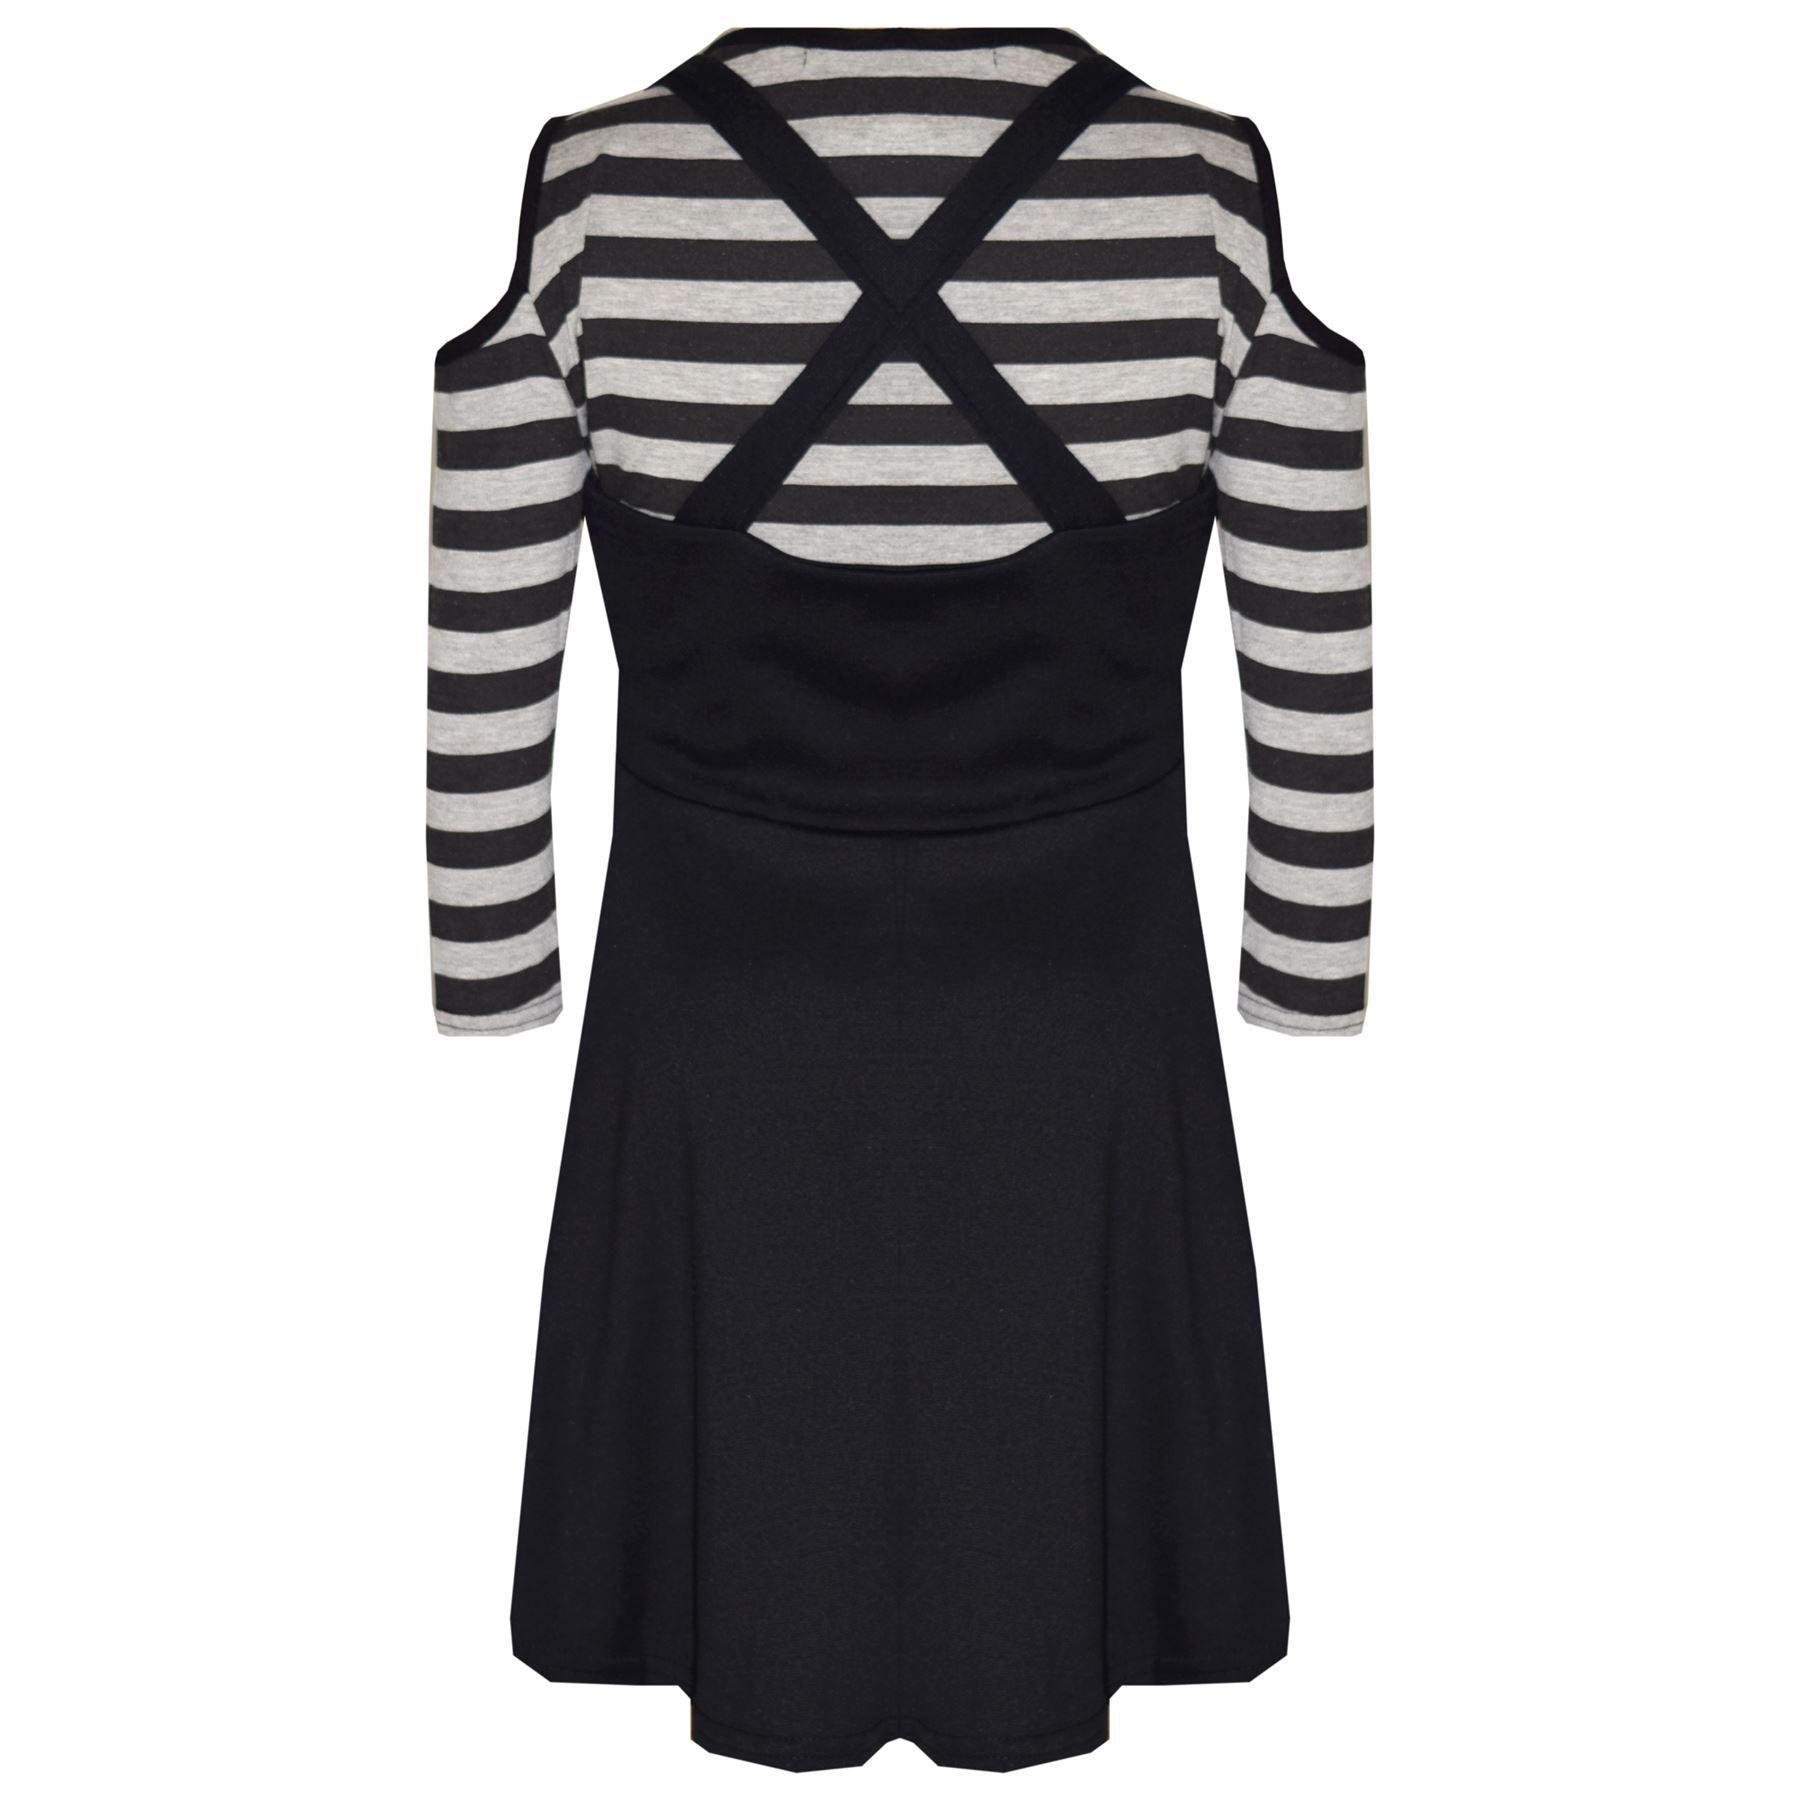 Kids-Girls-Skirts-Designer-Pinafore-Skirt-amp-Shoulder-Cut-Style-Crop-Top-7-13-Yr thumbnail 3